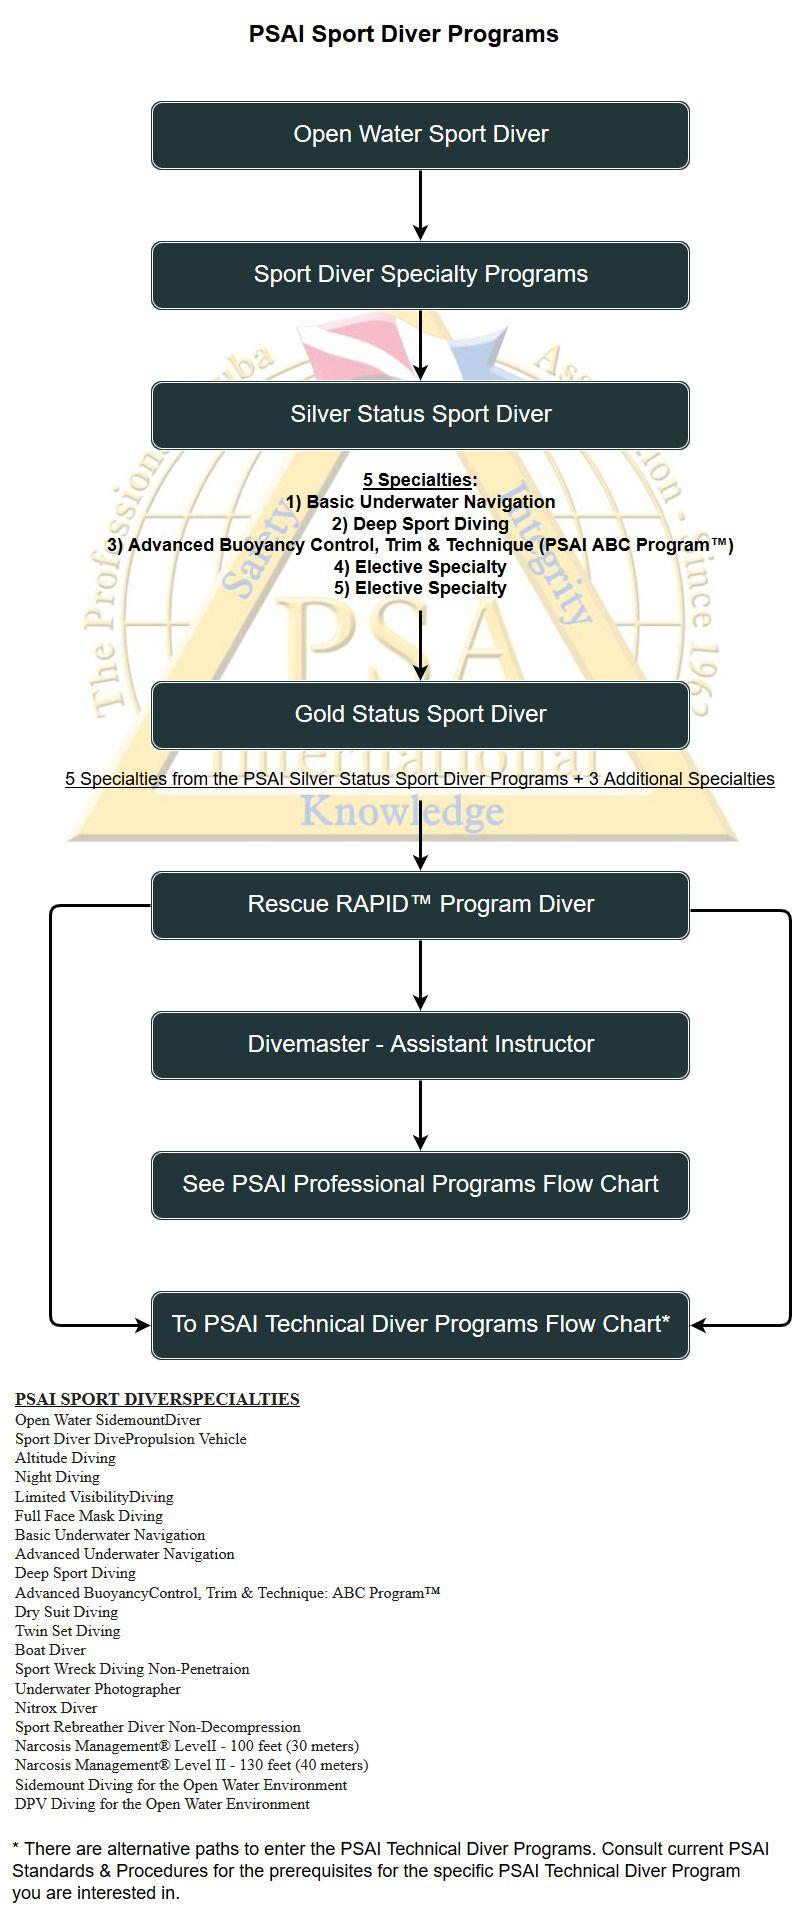 psai sport diver programs flowchart